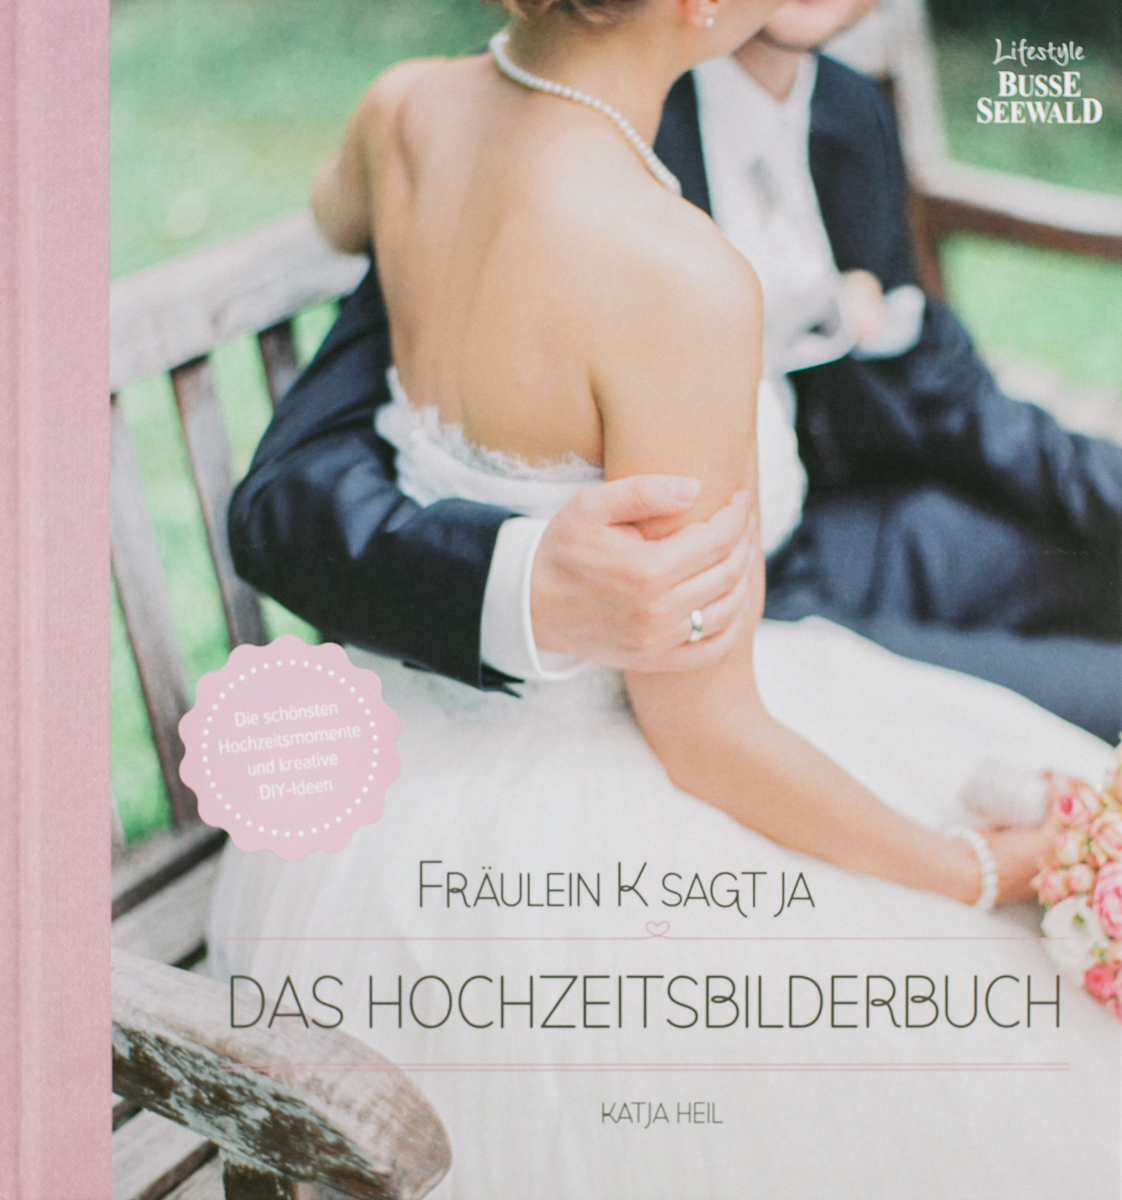 Hochzeitsbilderbuch.jpg